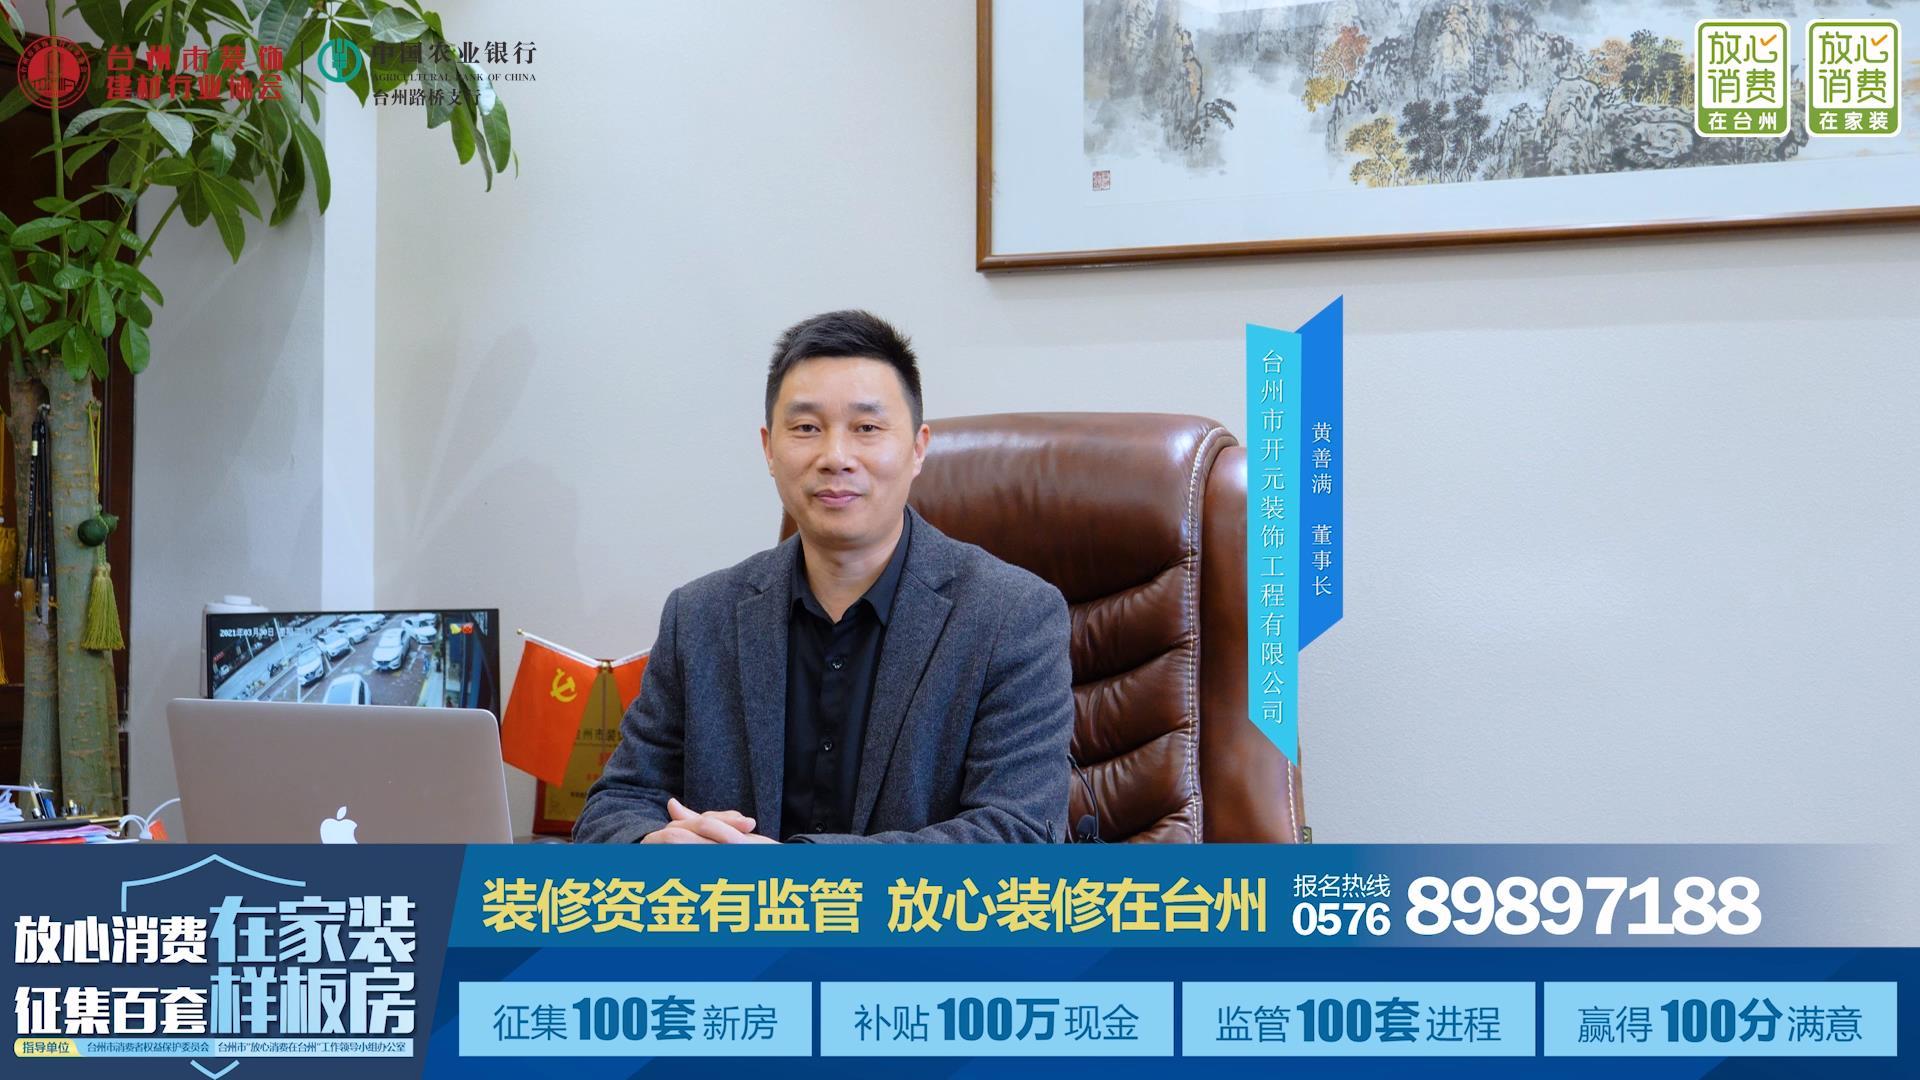 【资讯】台州首批放心装修试点企业——开元装饰